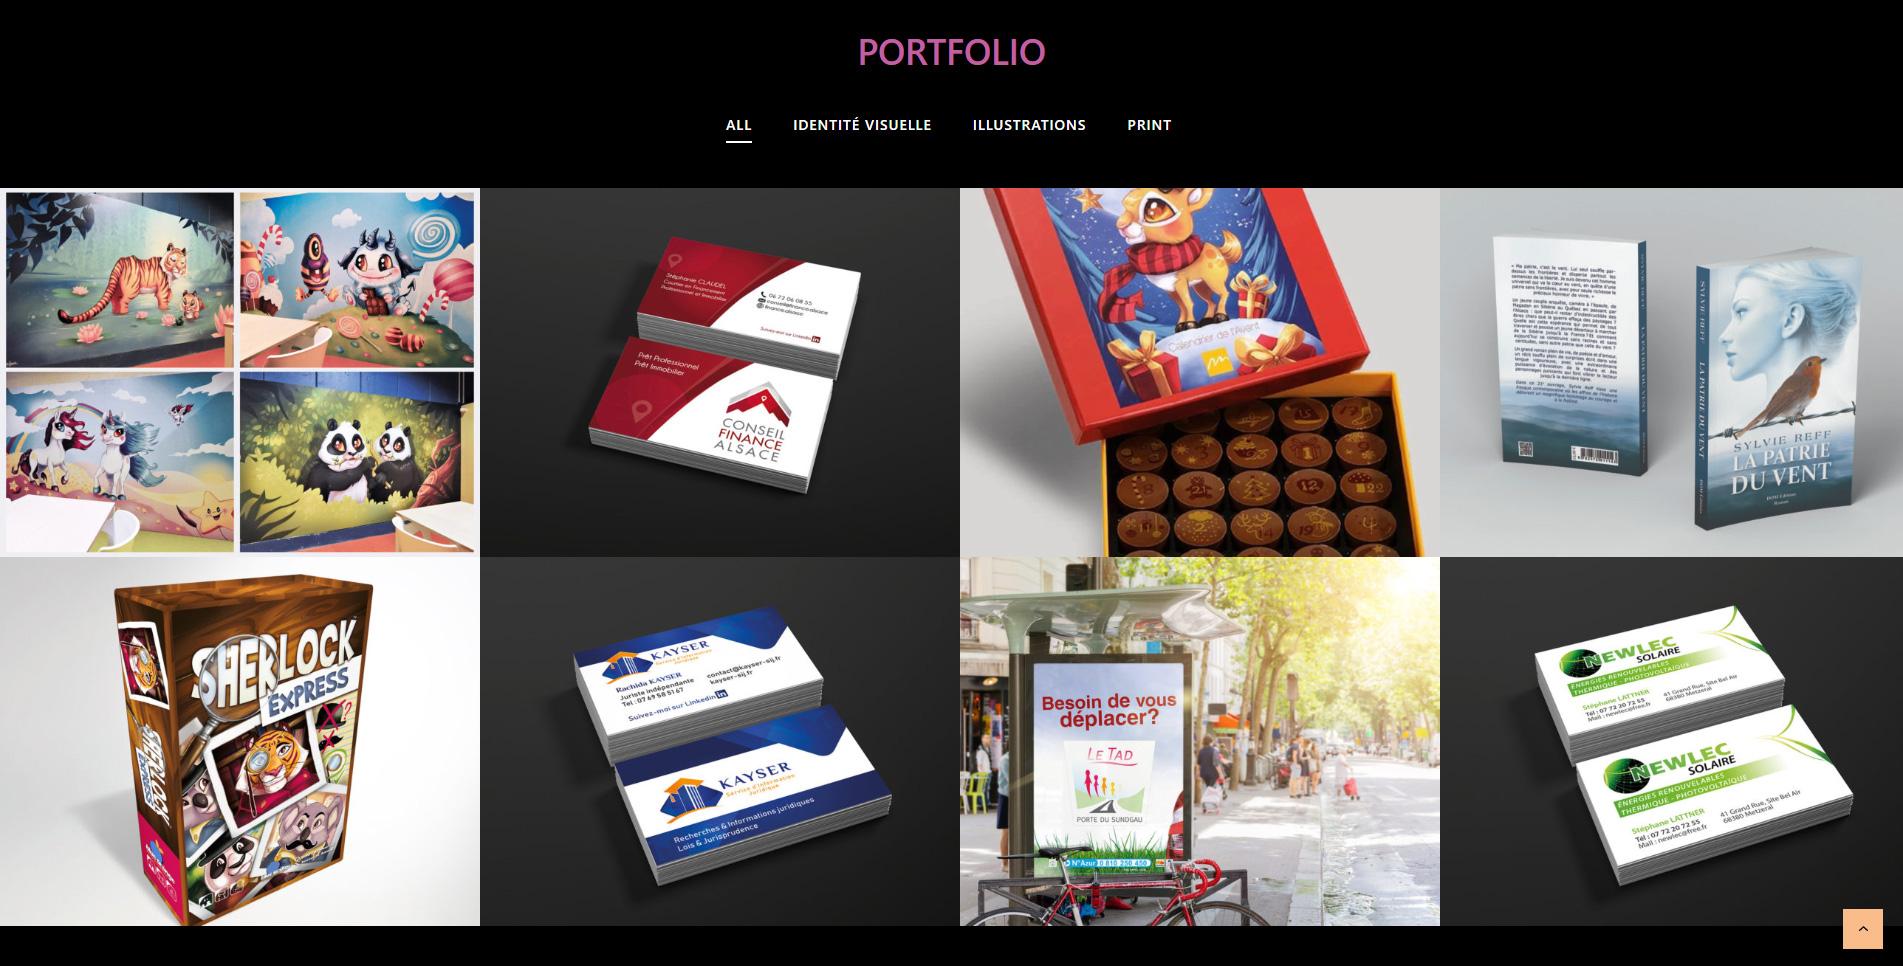 Benedicte ammar est une cliente de l'agence web Karedess, agence web situé à Mulhouse